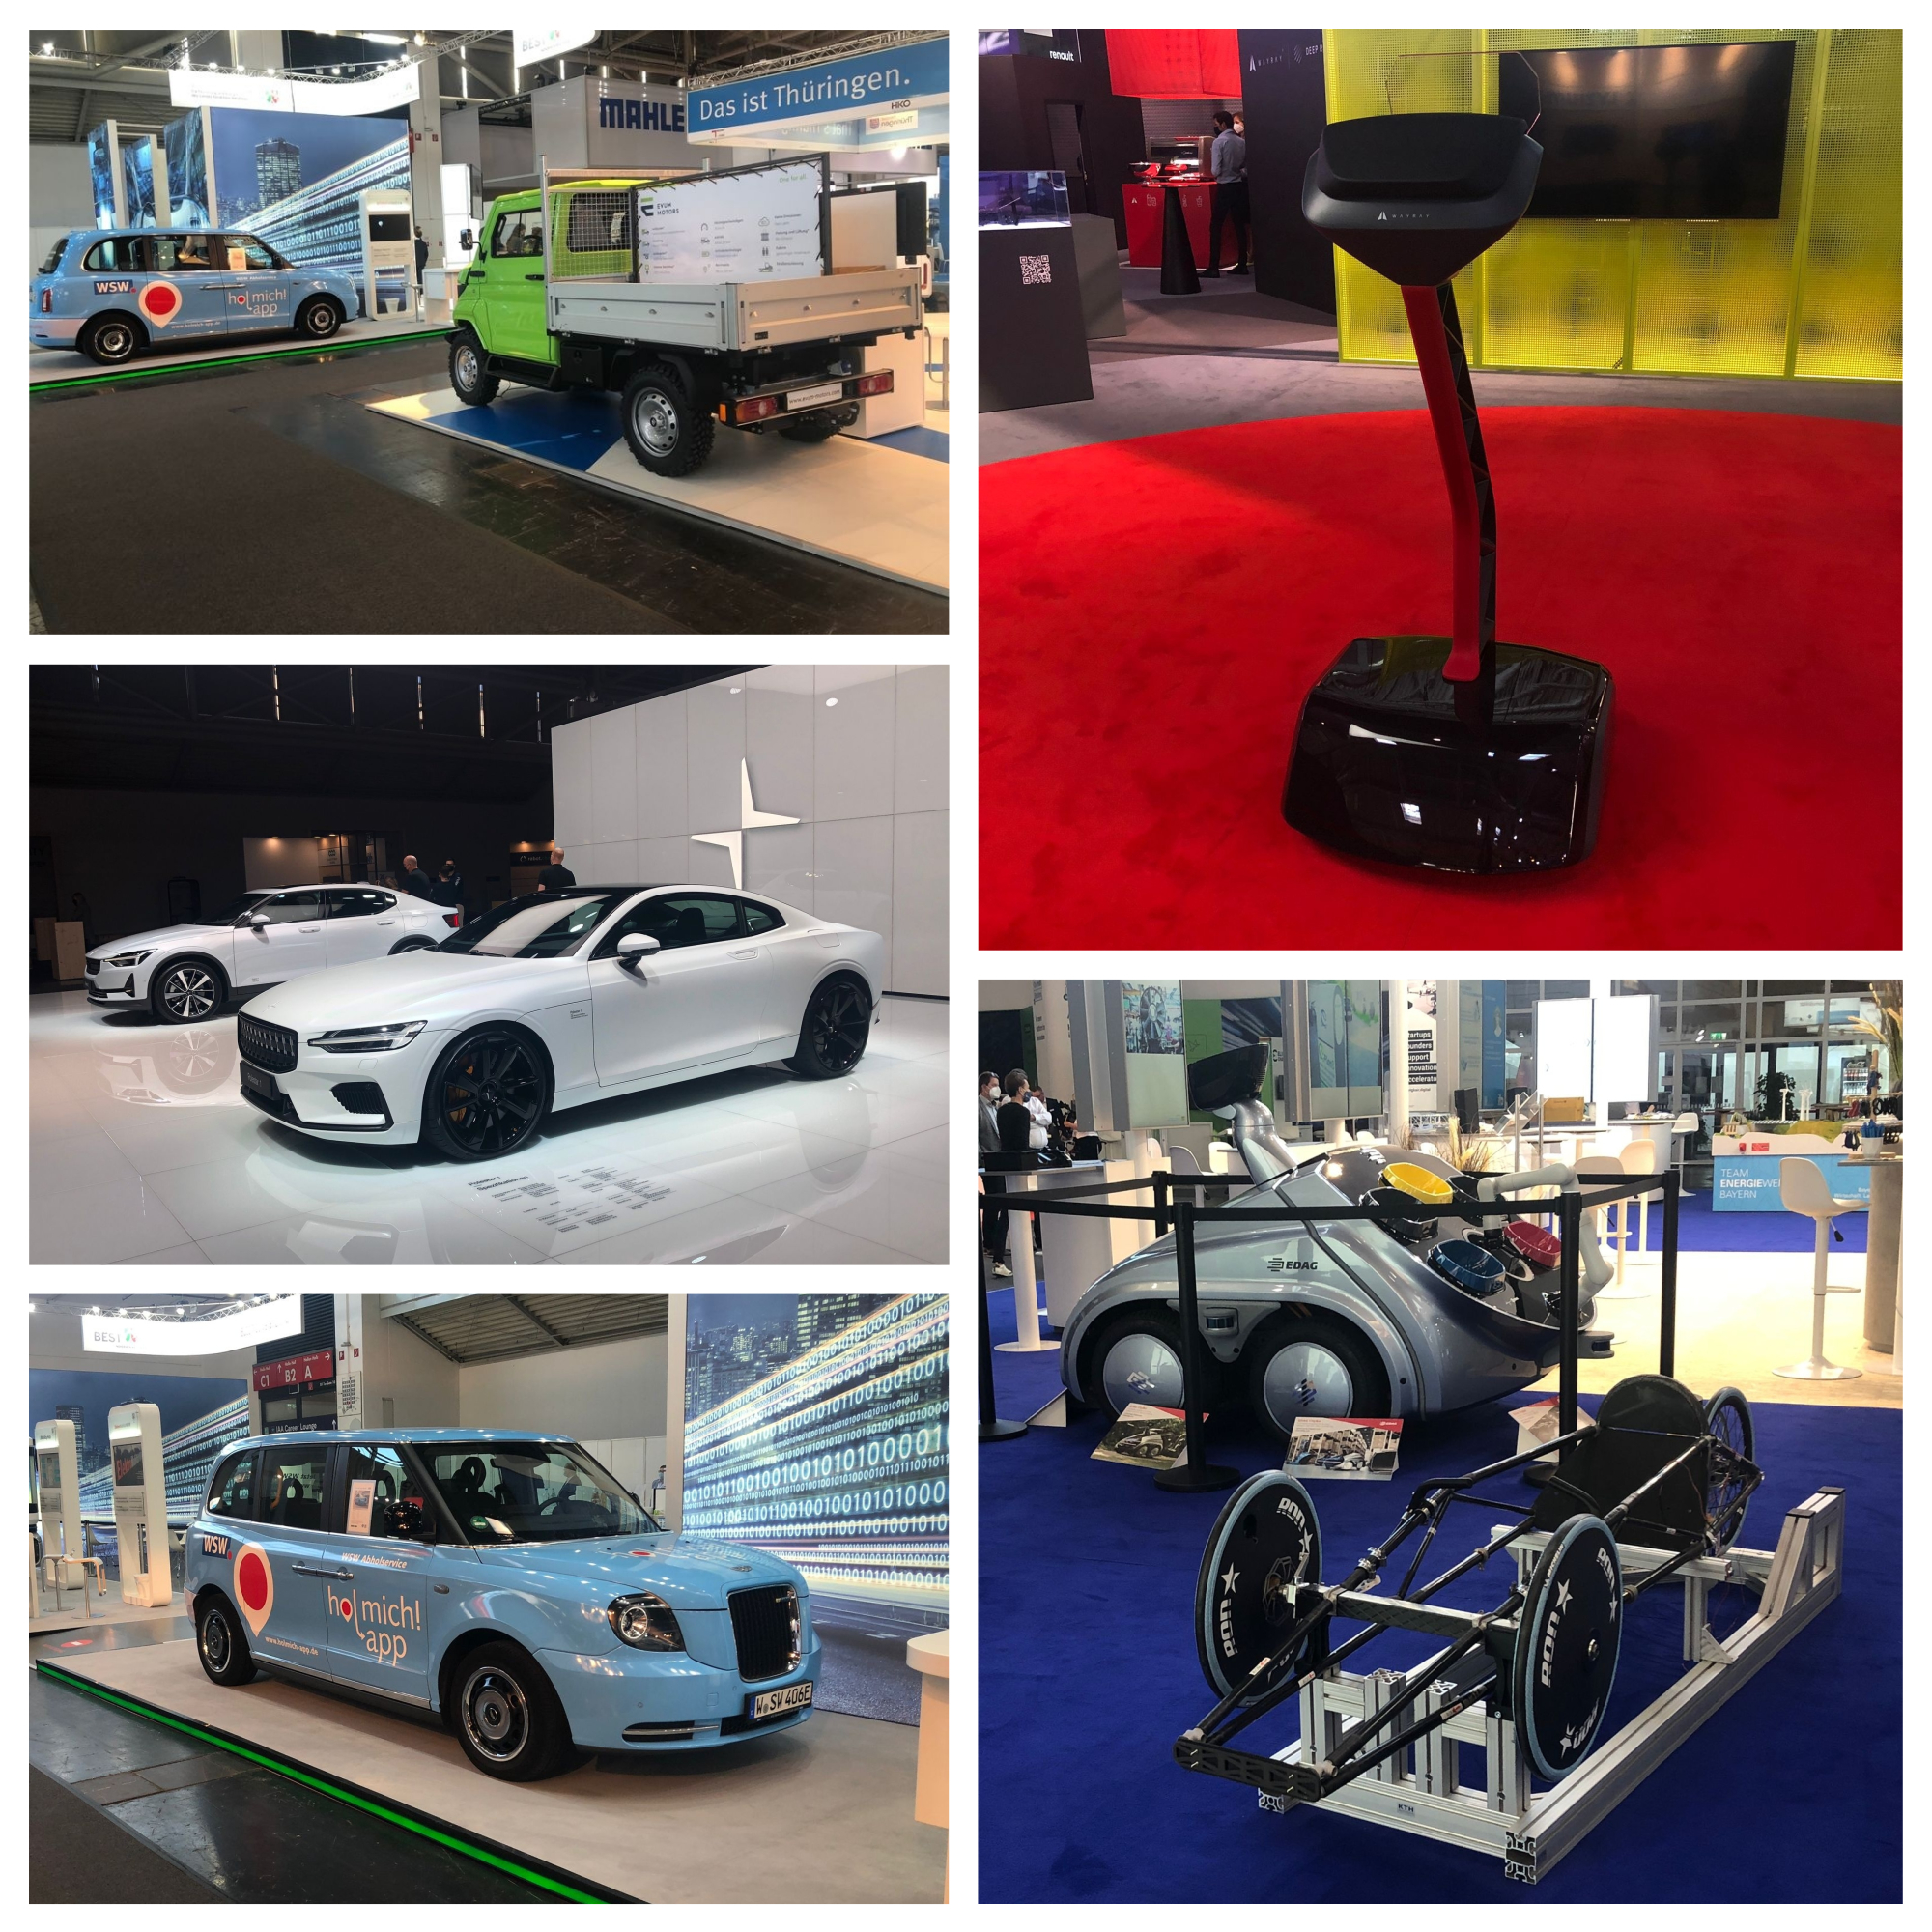 Salon del automovil de Munich - IAA 2021 - novedades - estrenos  - en directo